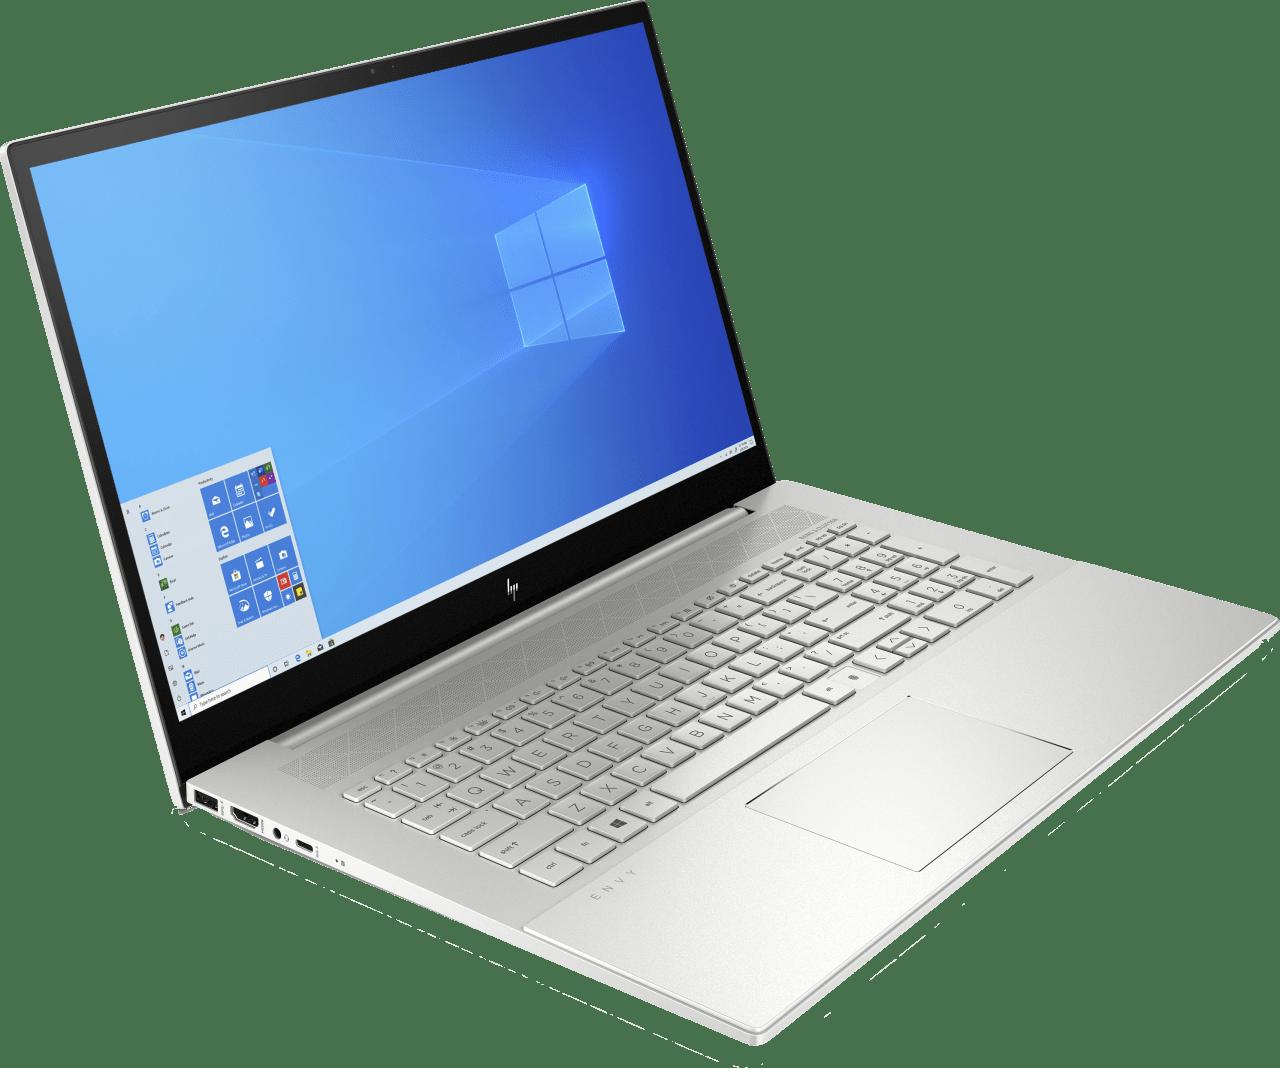 Natural Silver HP Envy 17-cg0220ng Notebook - Intel® Core™ i7-1065G7 - 16GB - 1TB PCIe - NVIDIA® GeForce® MX330.4